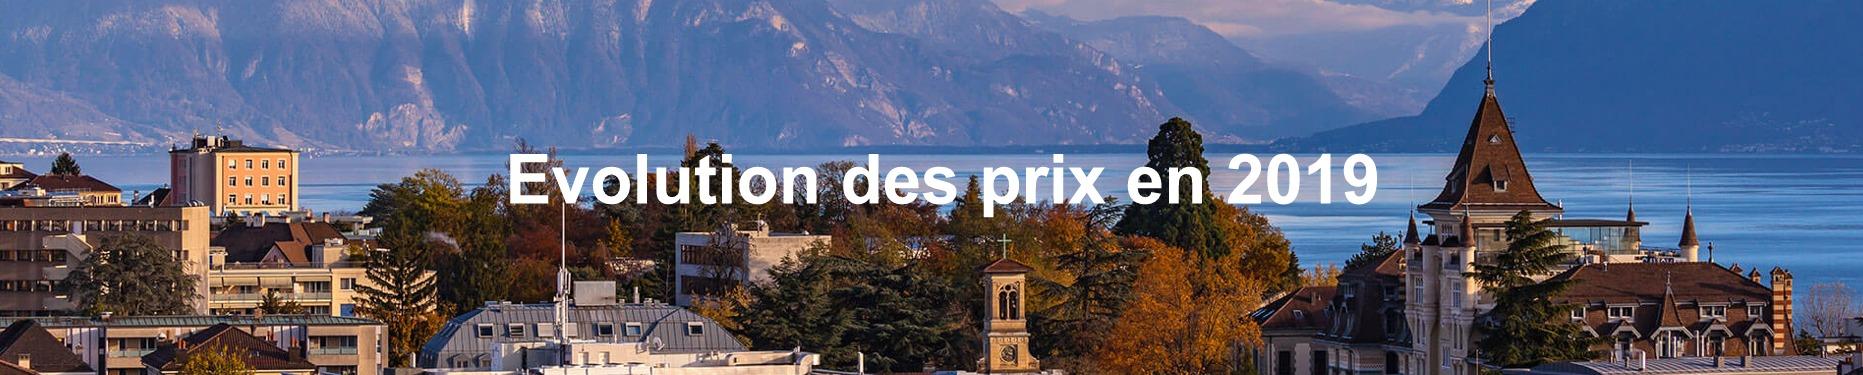 evolution prix m2 immobilier suisse 2019